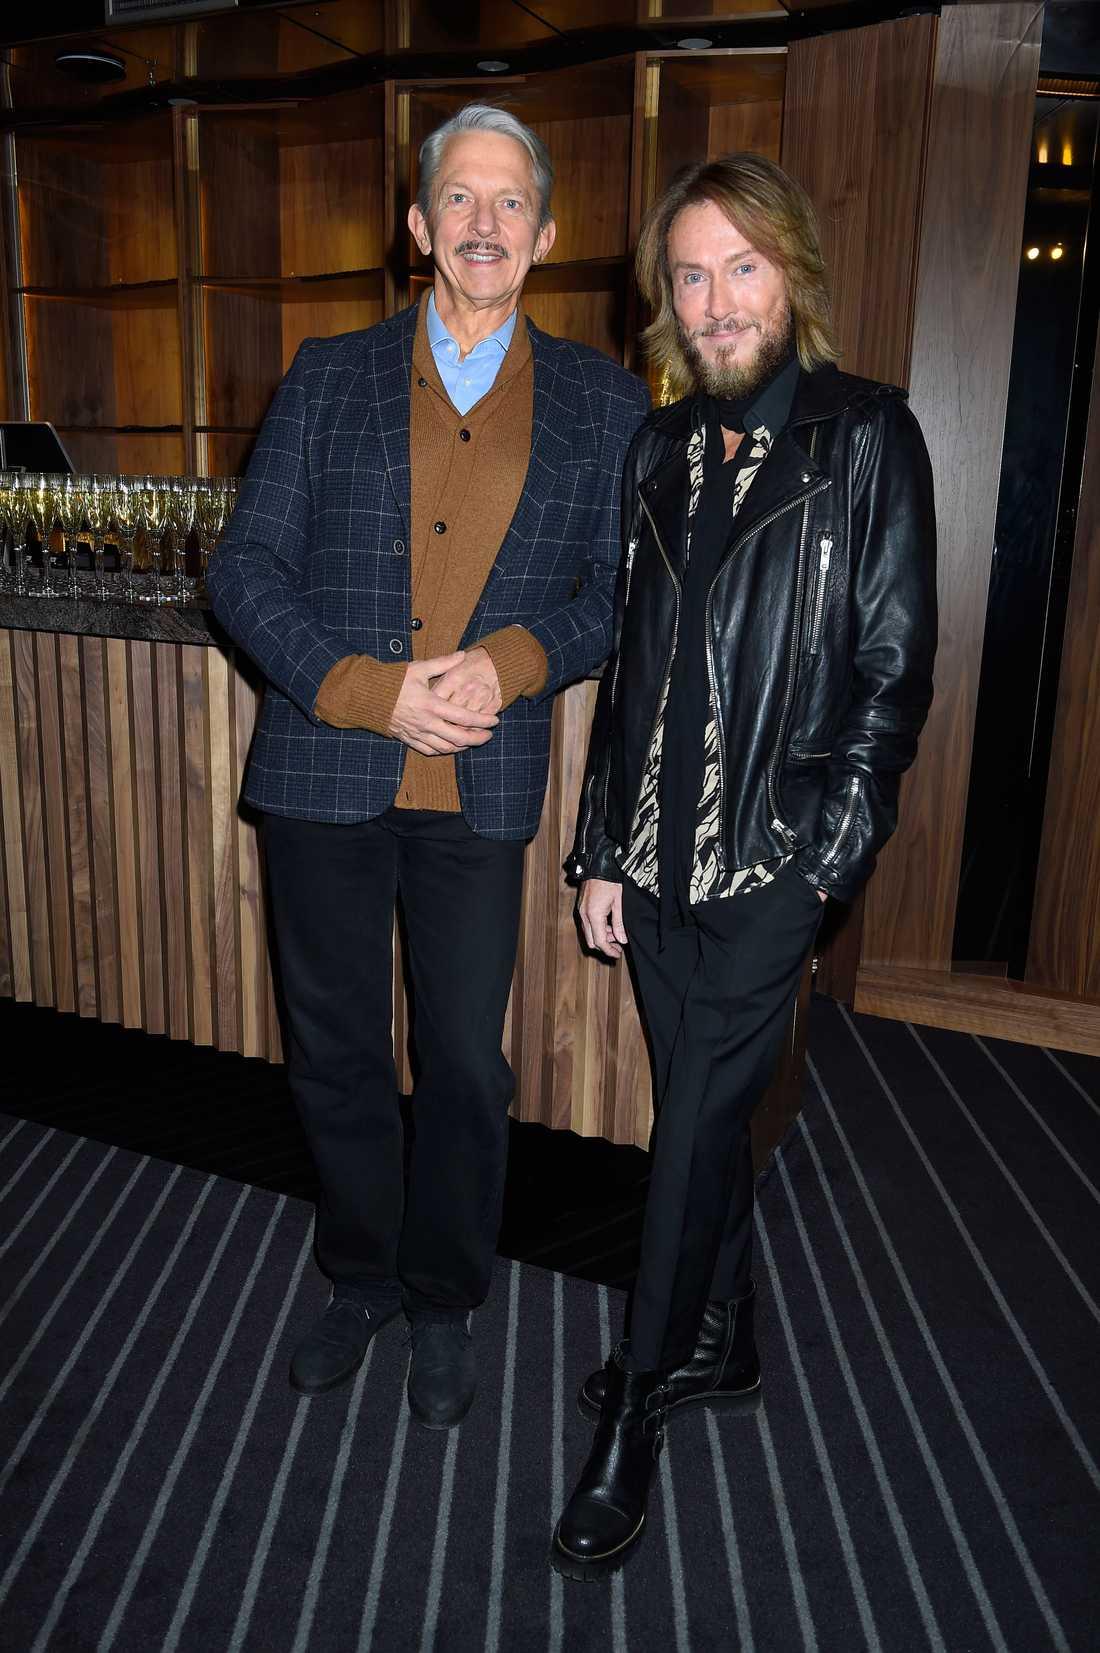 I 30 år jobbade Nils-Albert Eriksson tillsammans med Lasse Flinckman i dragshow-gruppen After Dark. Här tillsammans med Christer Lindarw, 2015.